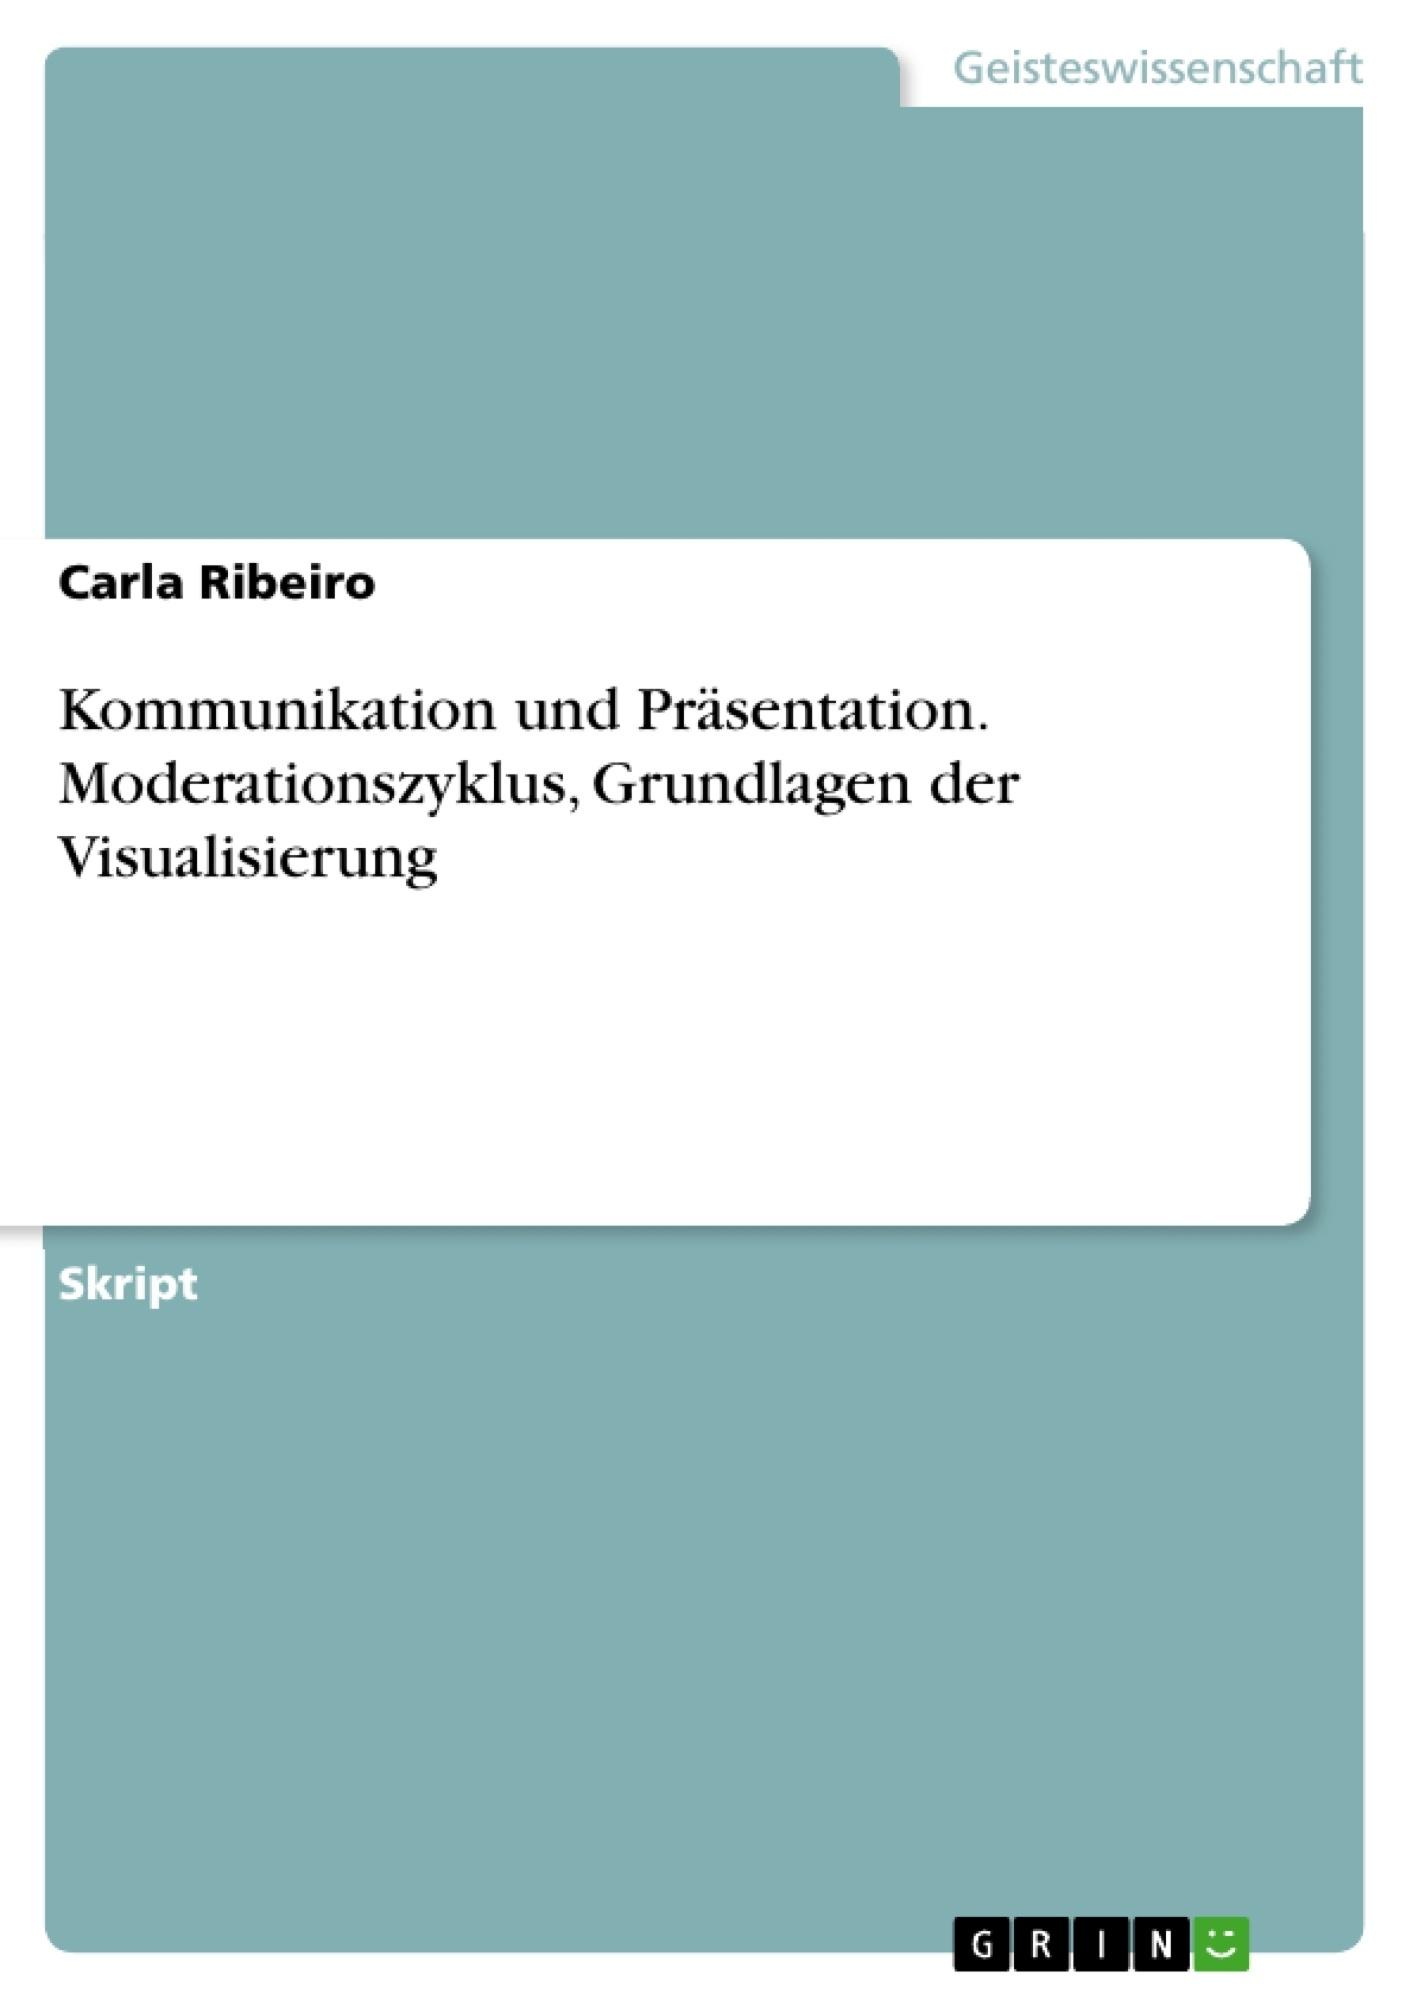 Titel: Kommunikation und Präsentation. Moderationszyklus, Grundlagen der Visualisierung